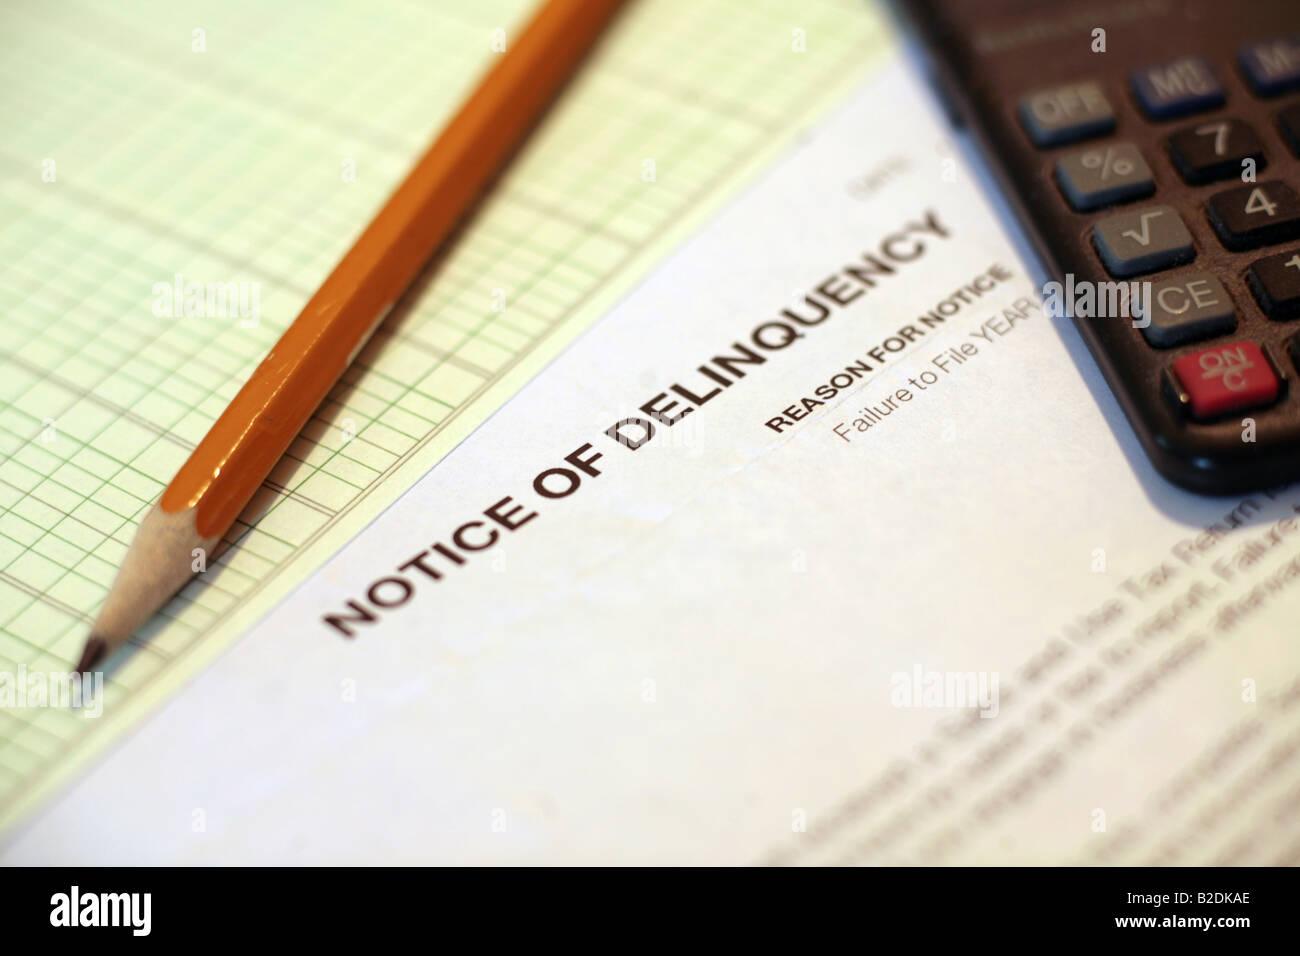 Avviso di Deliquency documenti cartacei con la calcolatrice e un foglio di carta millimetrata Immagini Stock